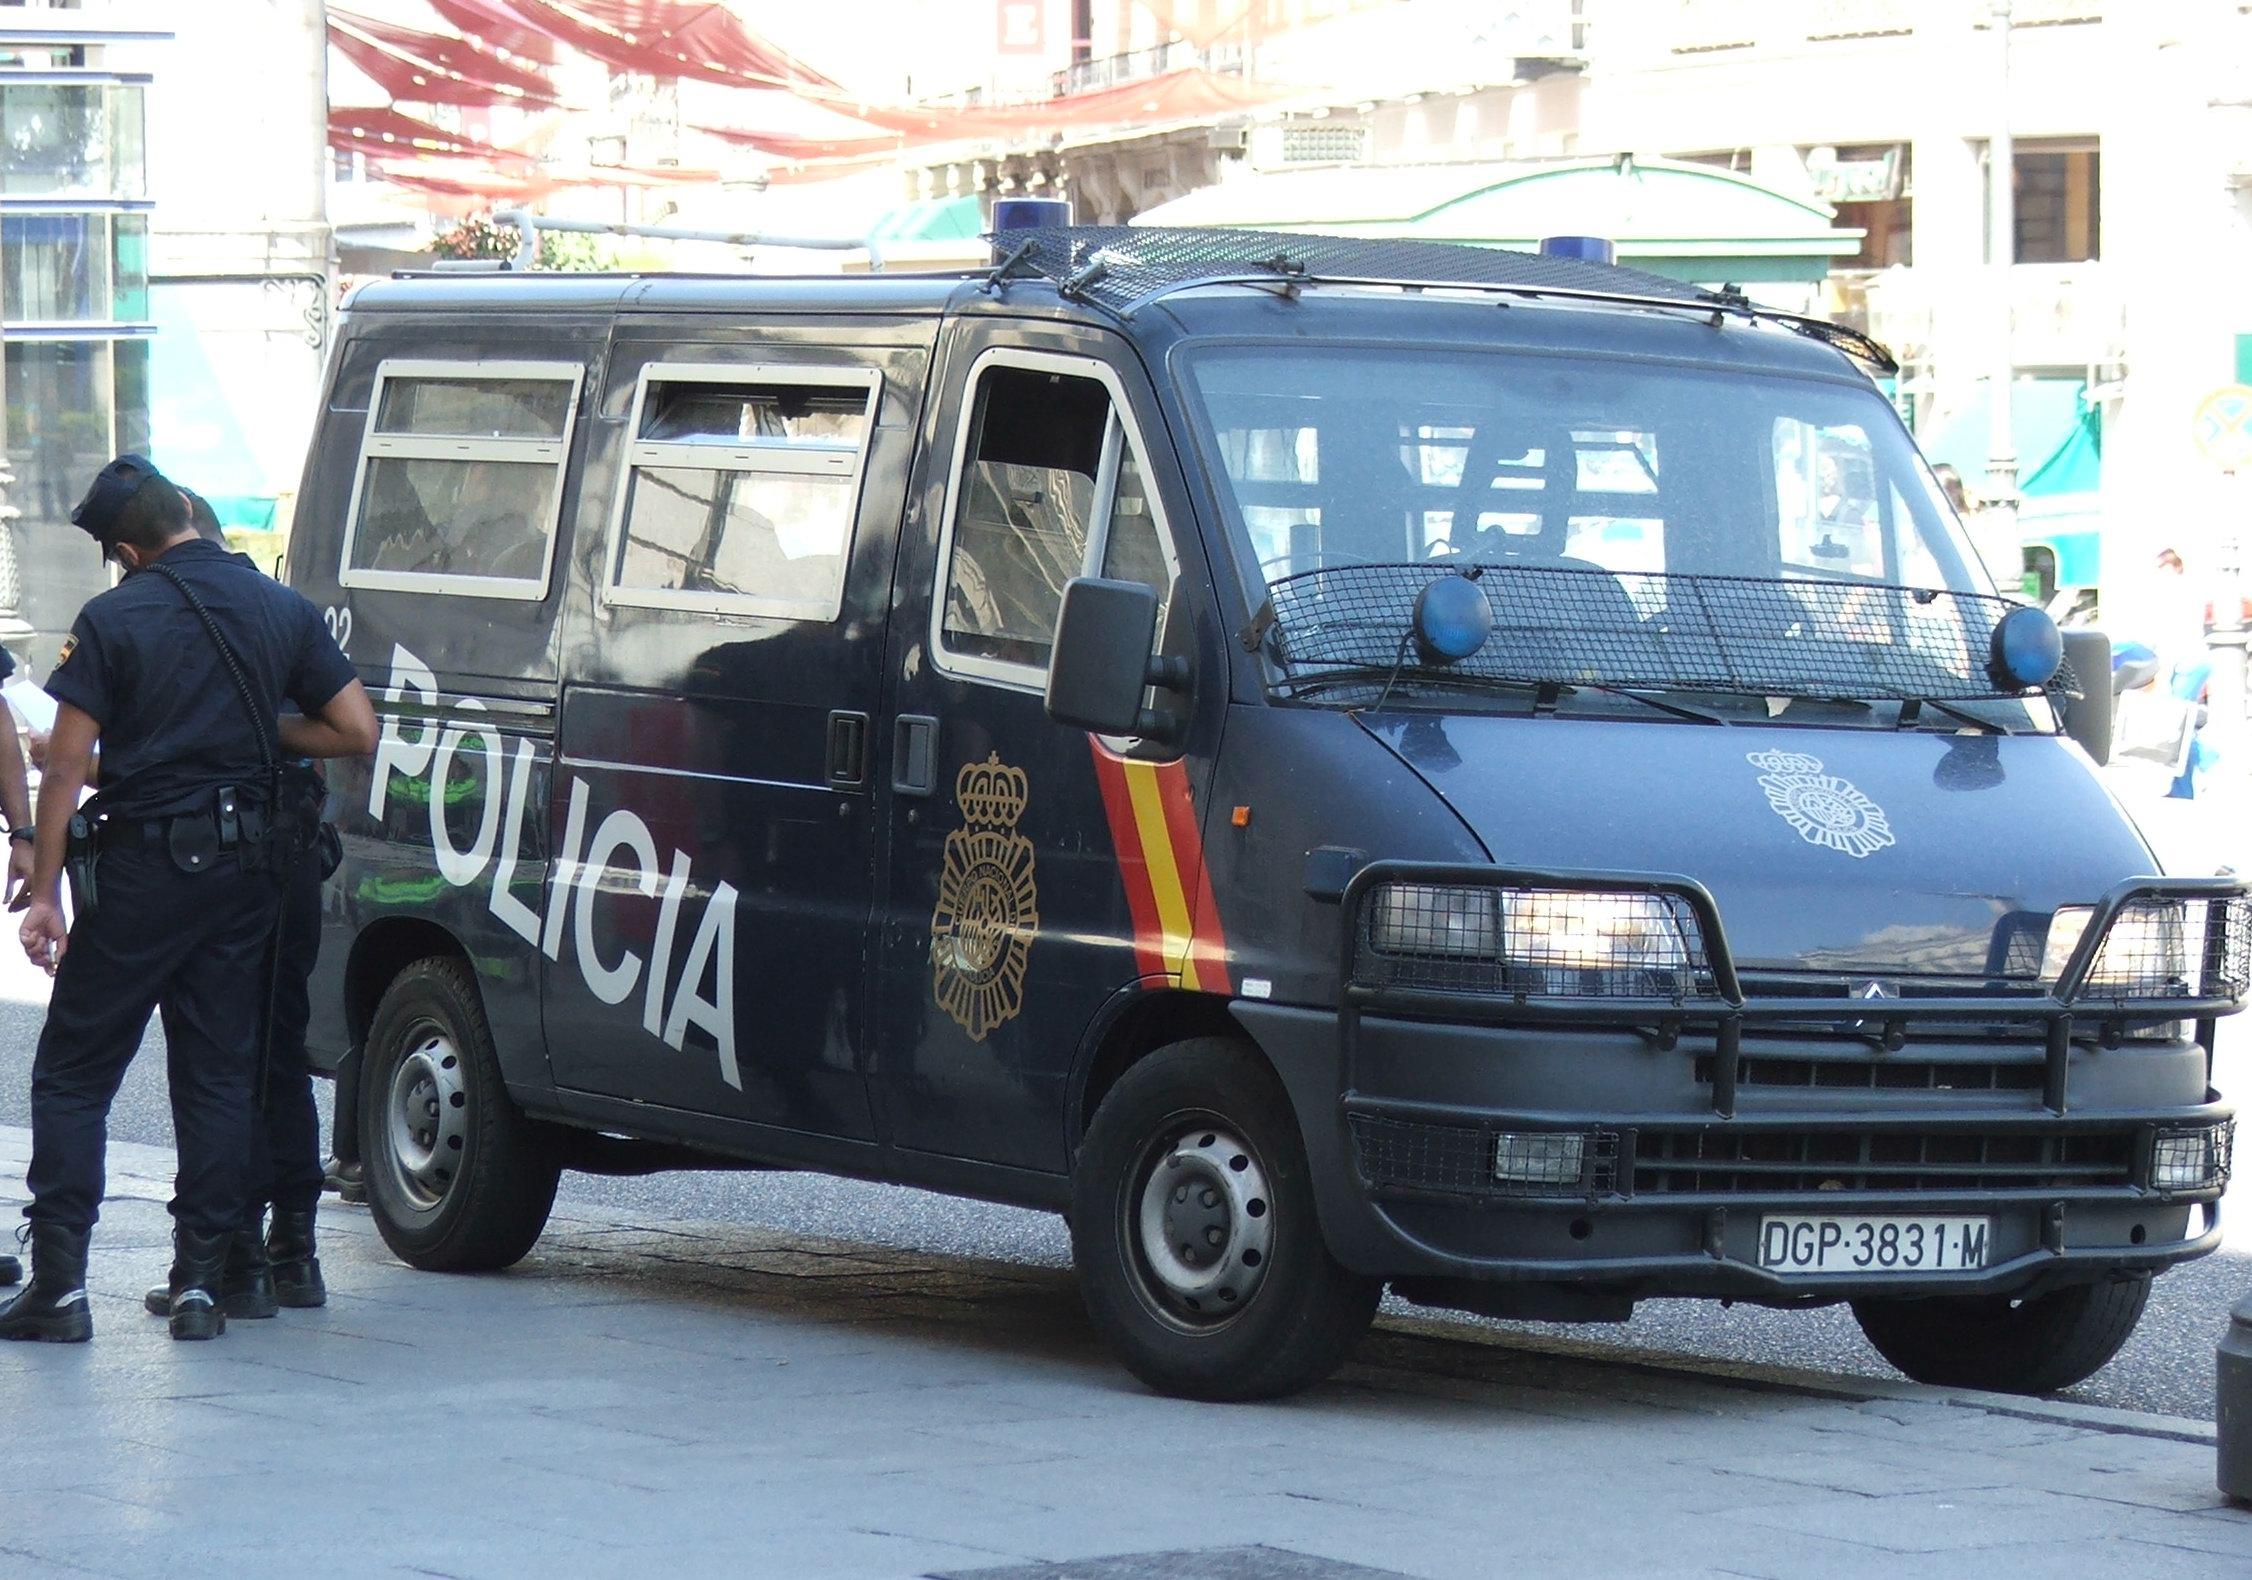 [Photos] Les citroen de la police - Page 2 Citroen_spanish_police_3860